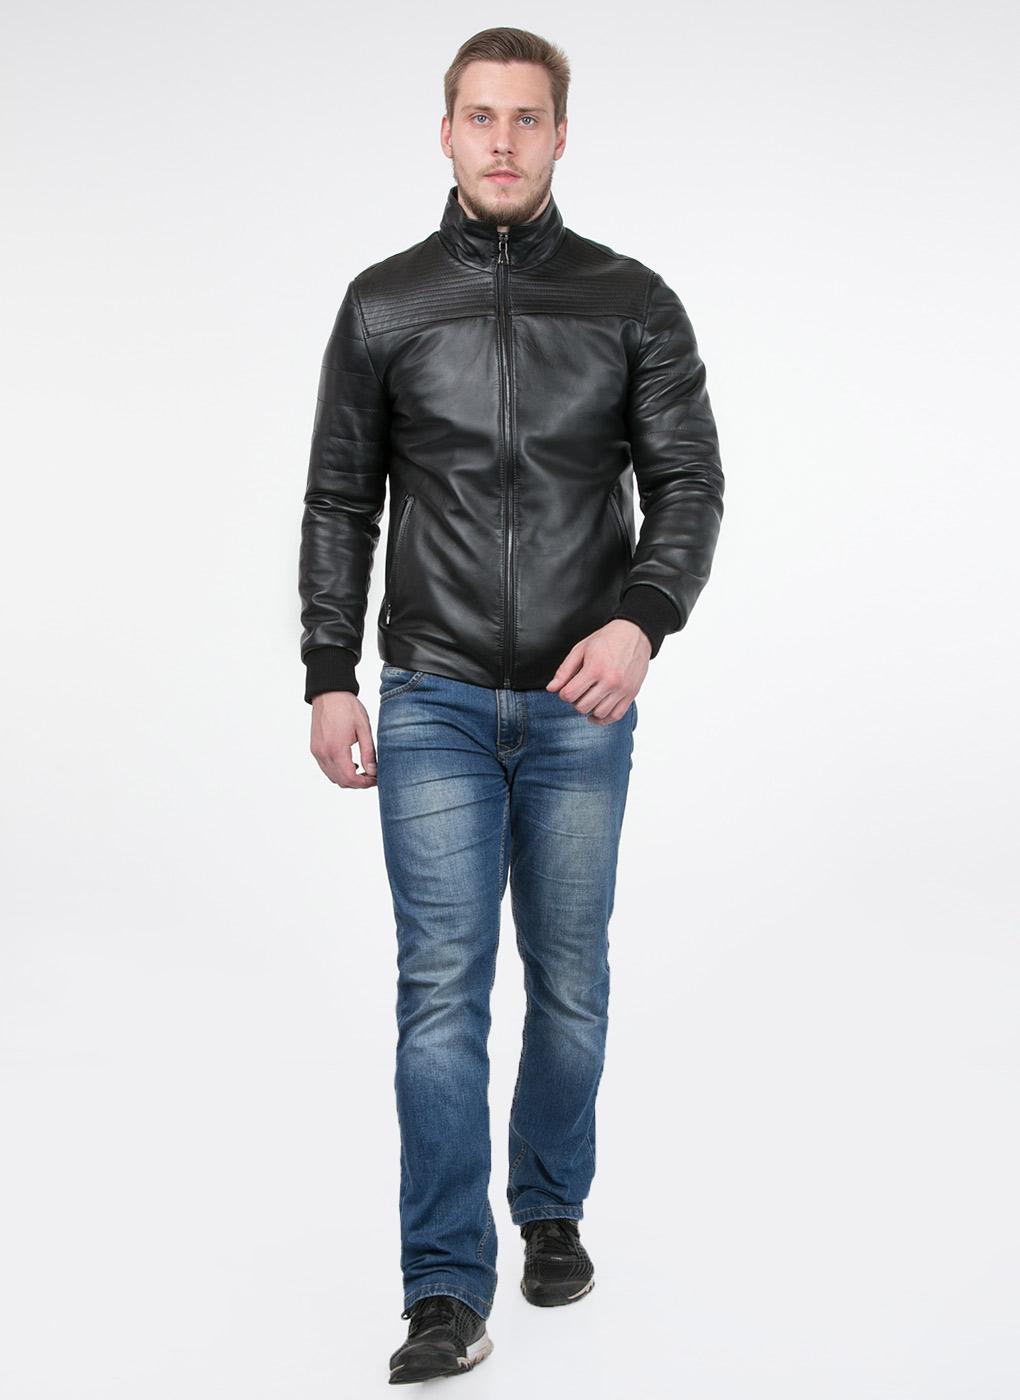 Кожаная куртка мужская утепленная 02, Original fur company фото